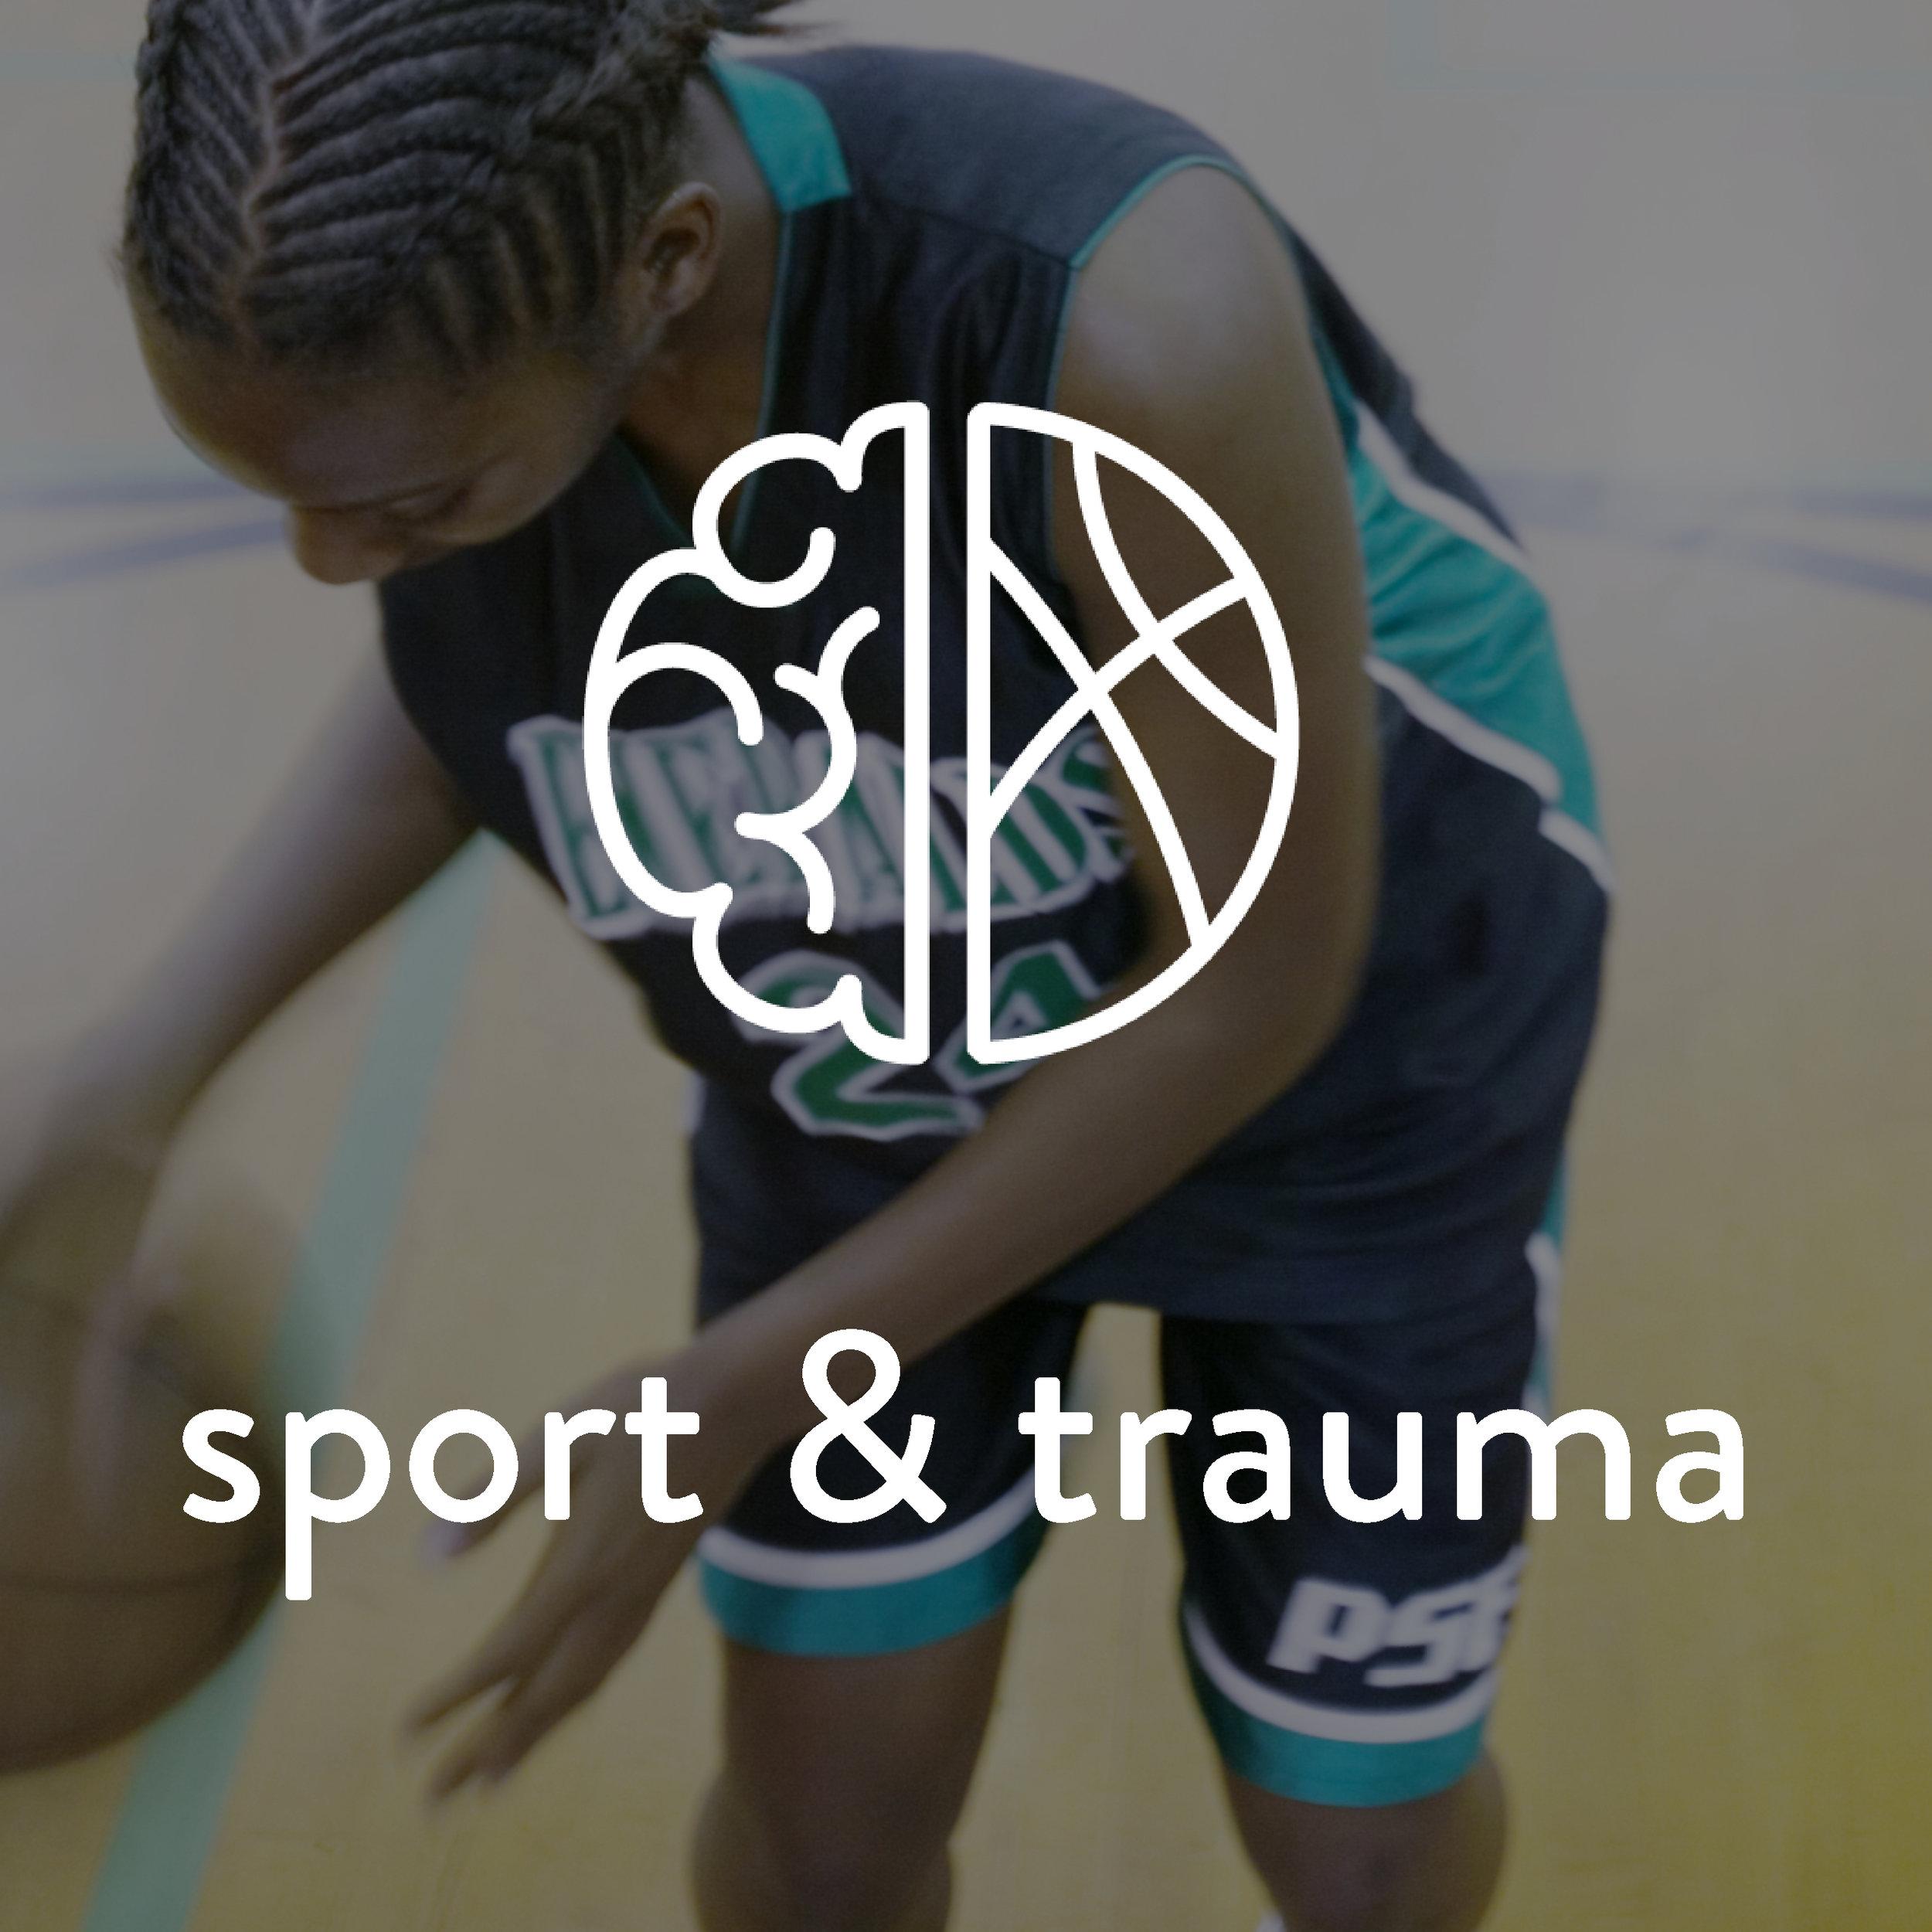 Sport & Trauma Images.IG